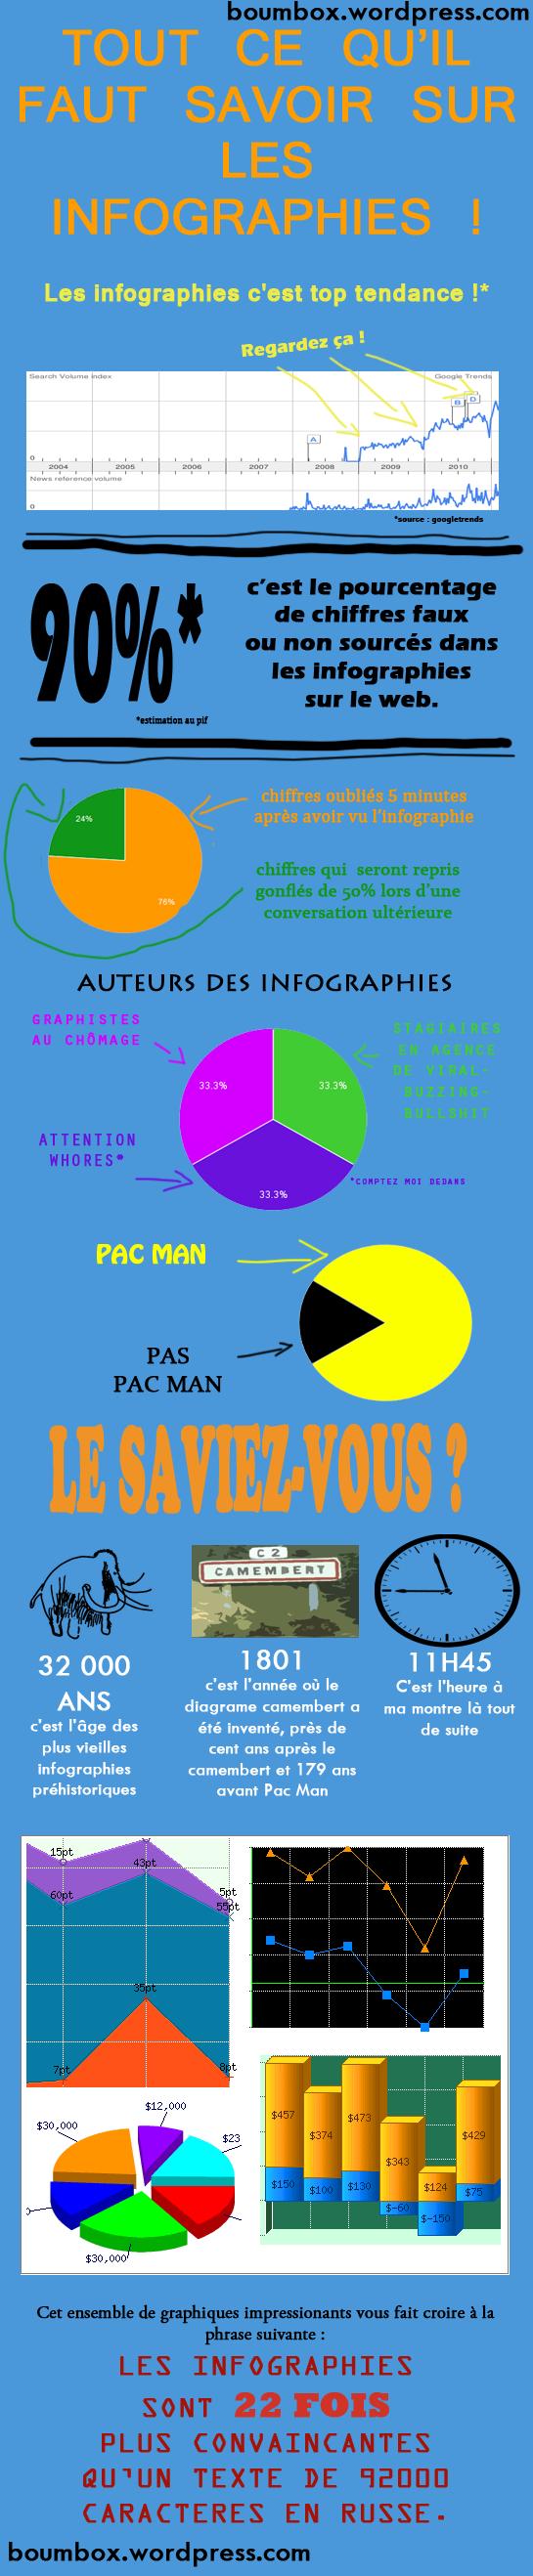 infographie tout ce qu'il faut savoir sur les infographics